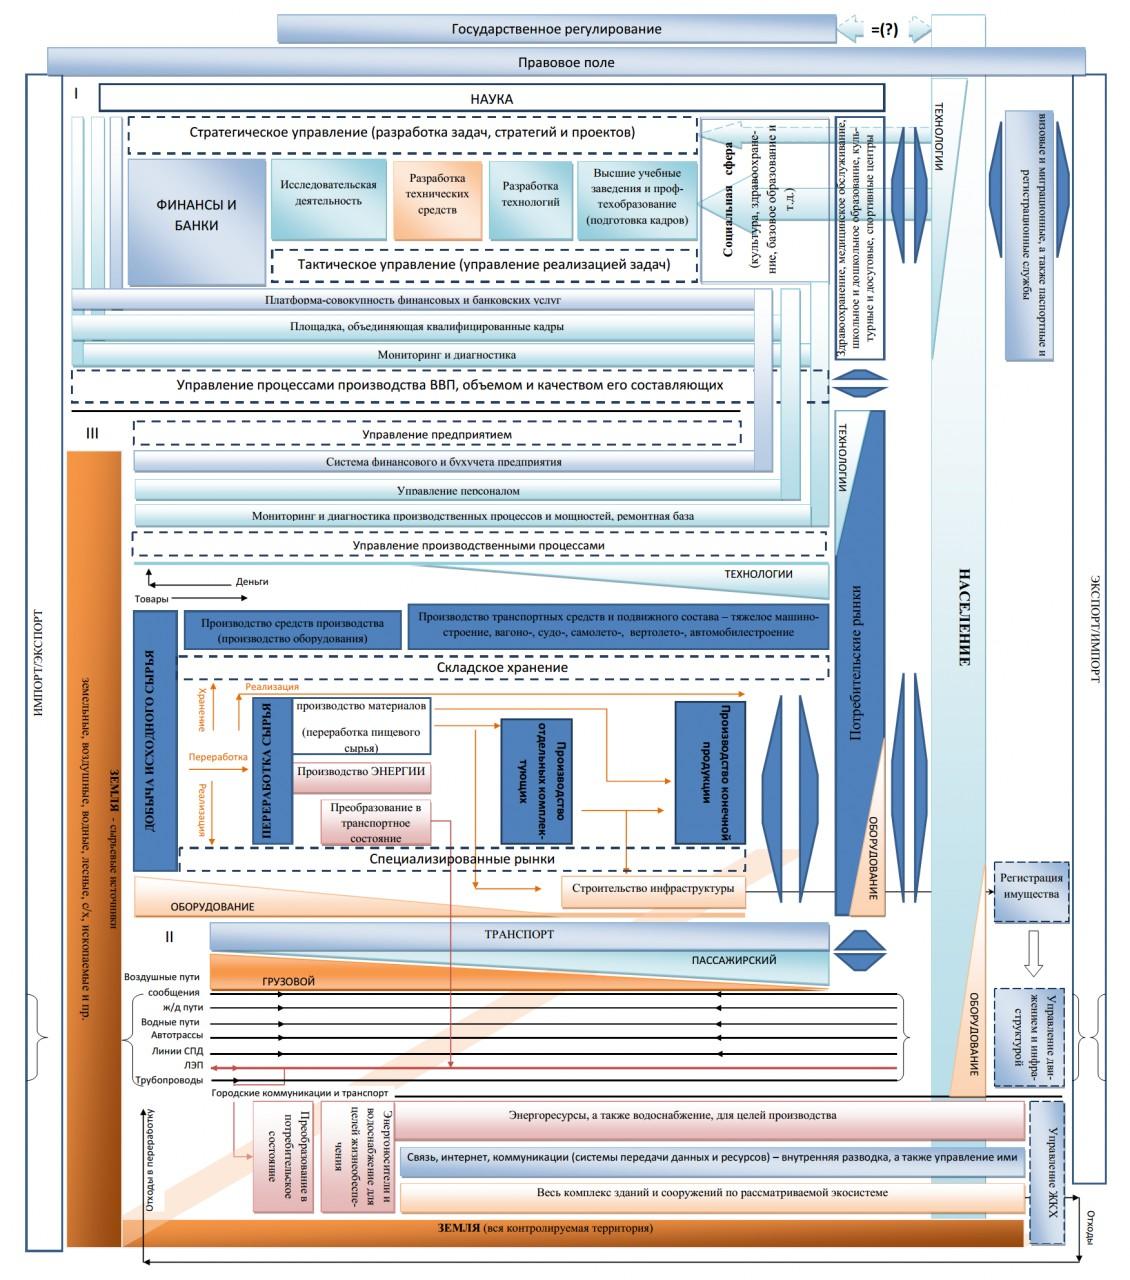 Экономика с точки зрения программиста. Взгляд изнутри... Часть 2